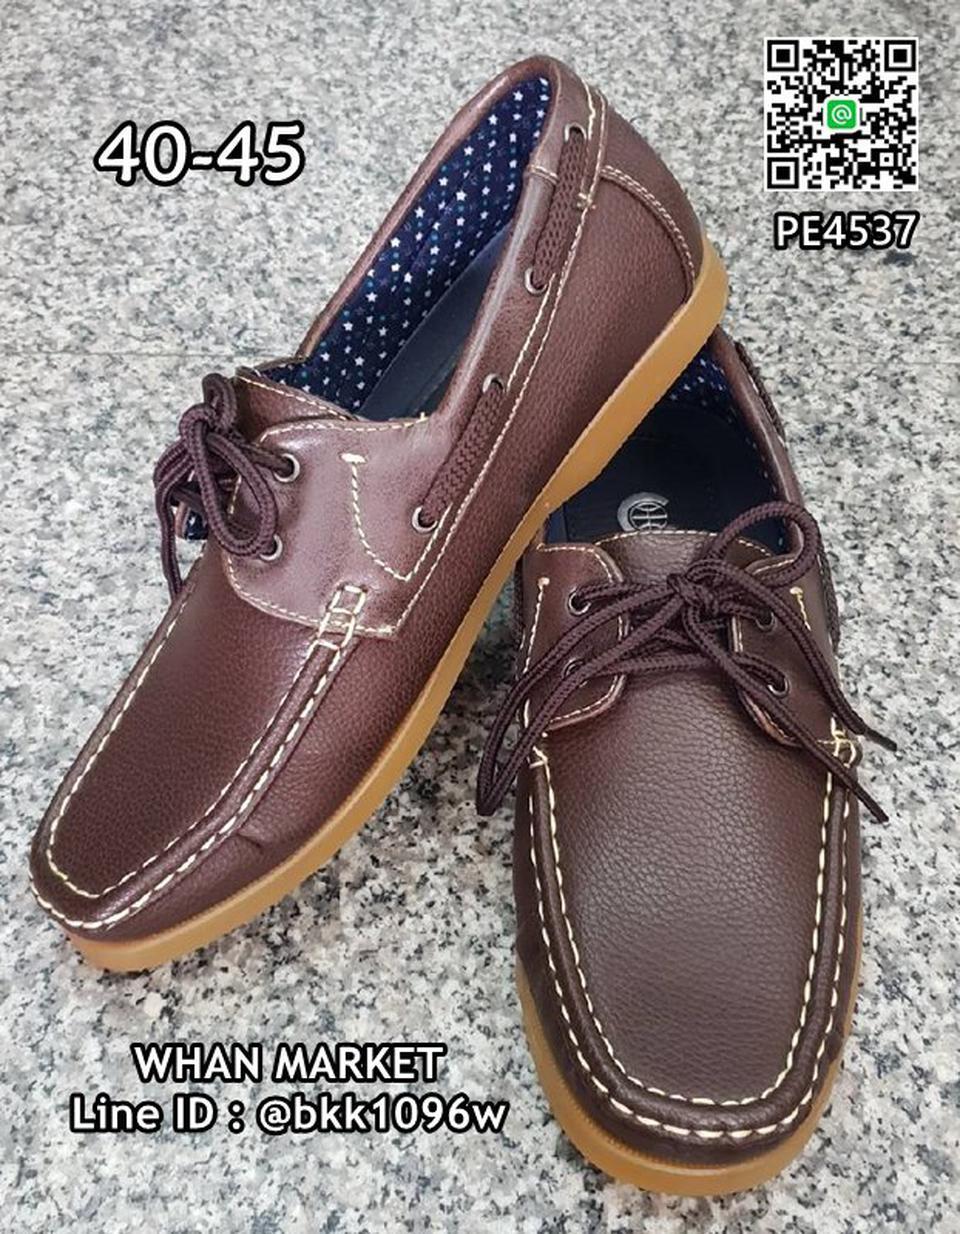 รองเท้าคัชชูหนังผู้ชาย boat shoes วัสดุหนังPU คุณภาพดี  รูปที่ 4